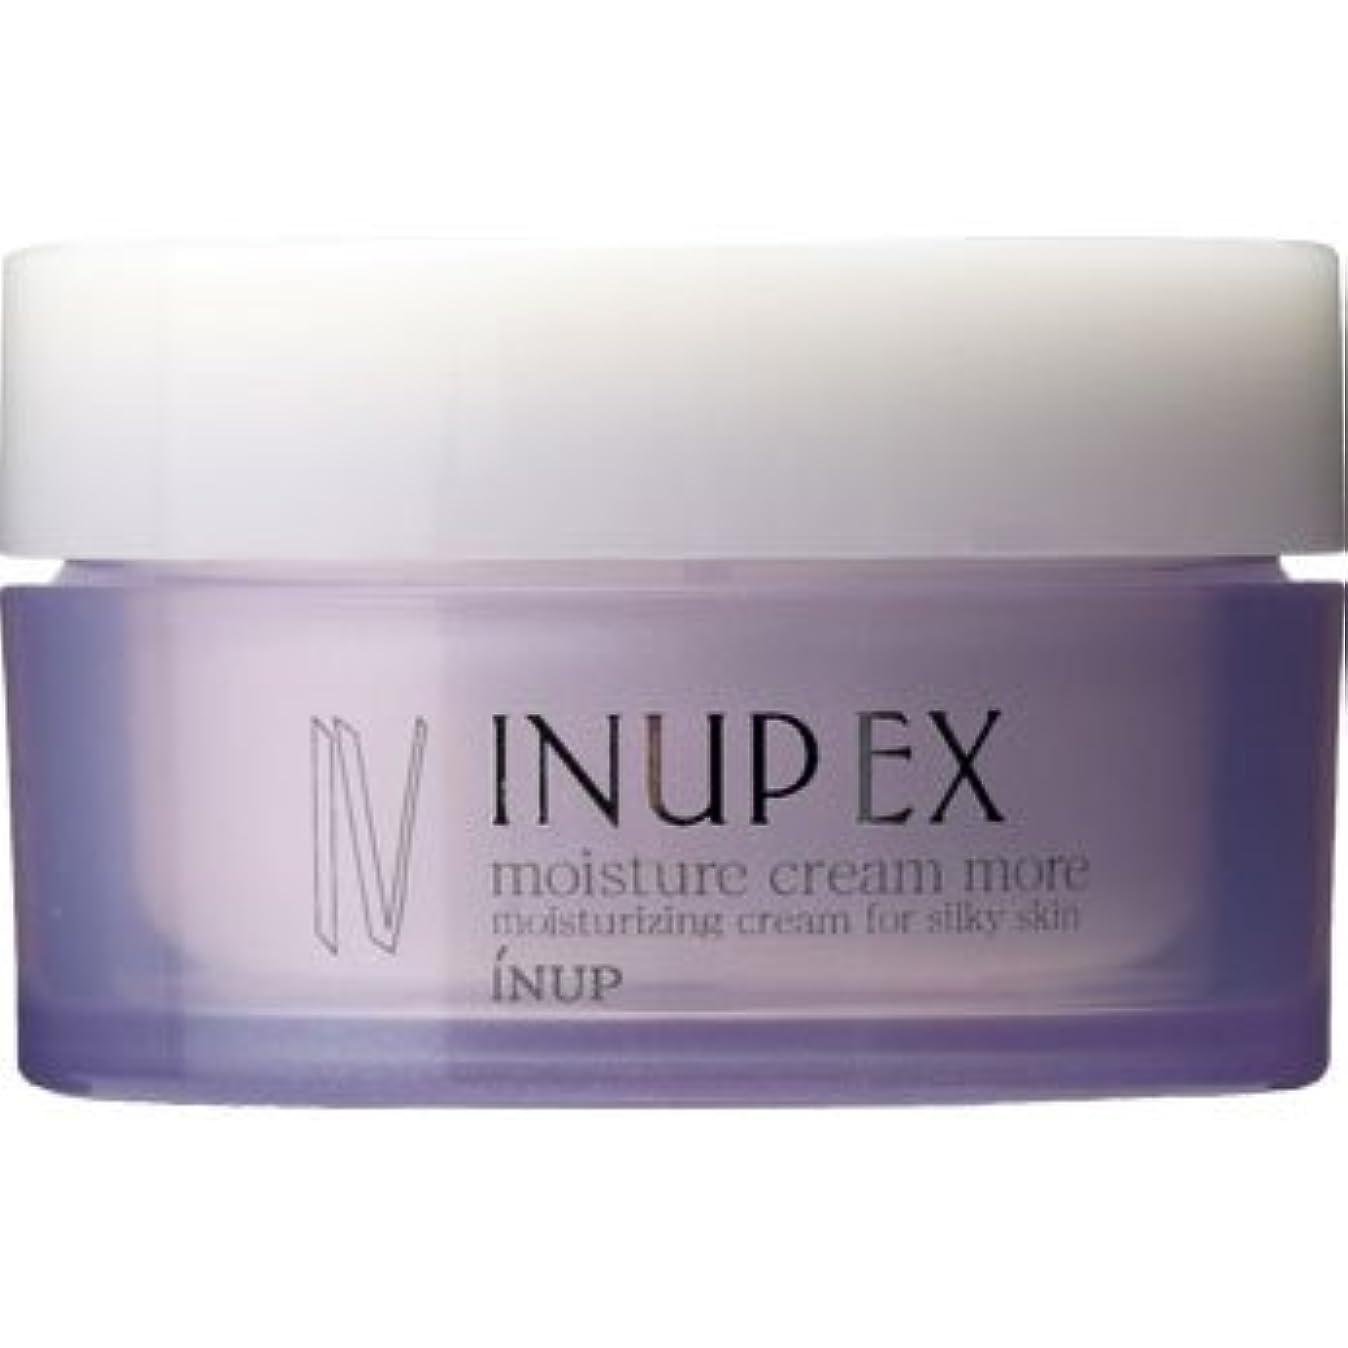 若さ手足共同選択インナップEX 保湿クリーム (潤い効果アップ) モイスチャークリーム MD (スパチュラ付)[弱酸性] 30g